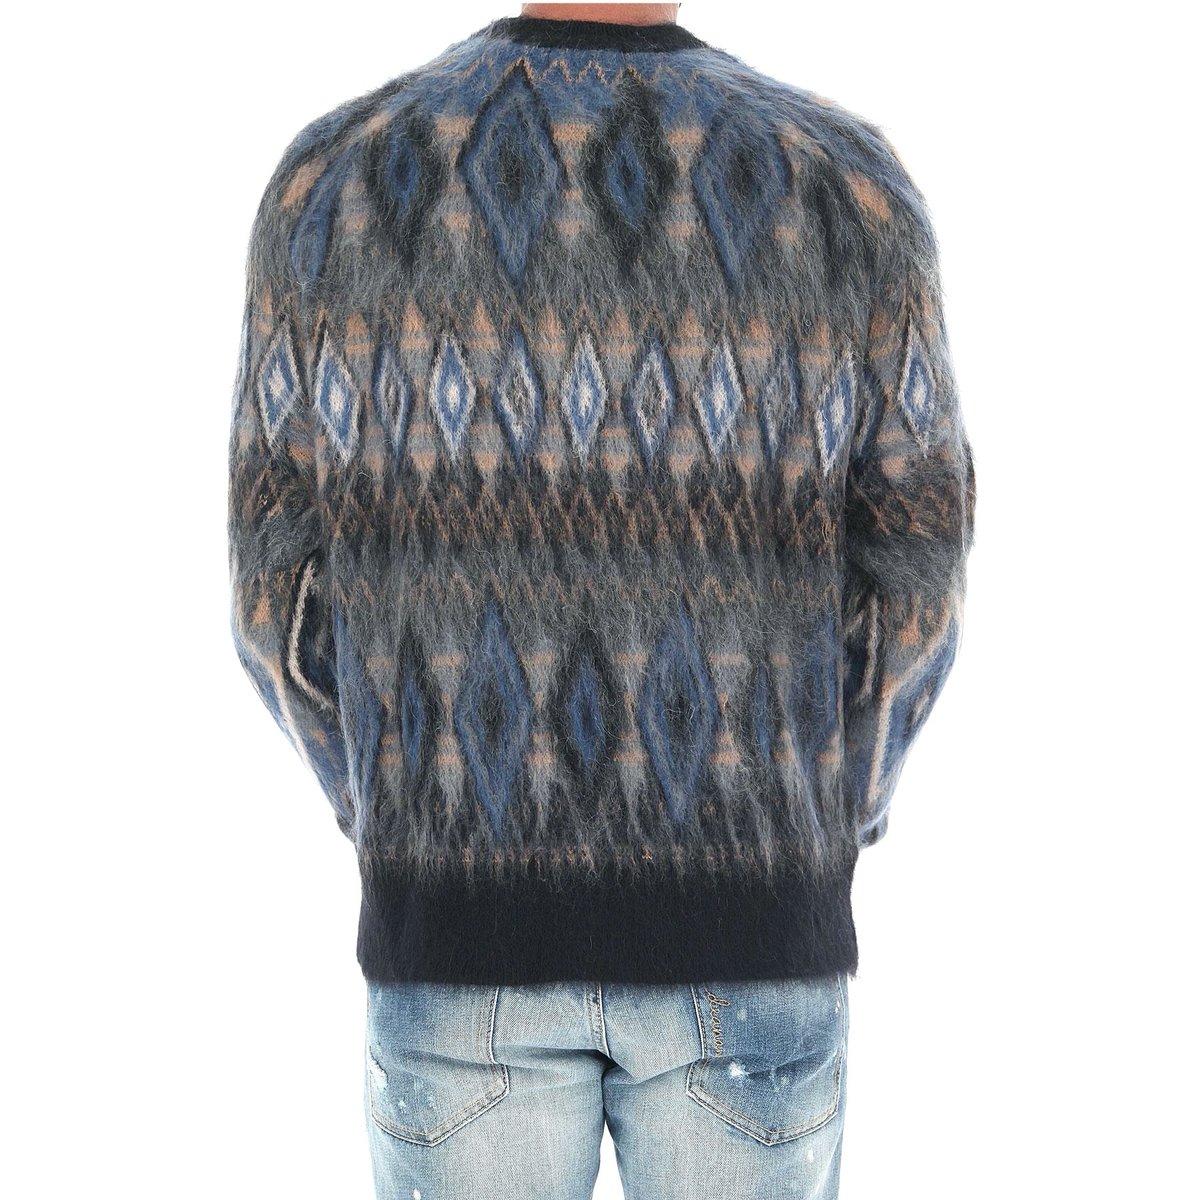 laneus mohair fair isle sweater f6.jpg